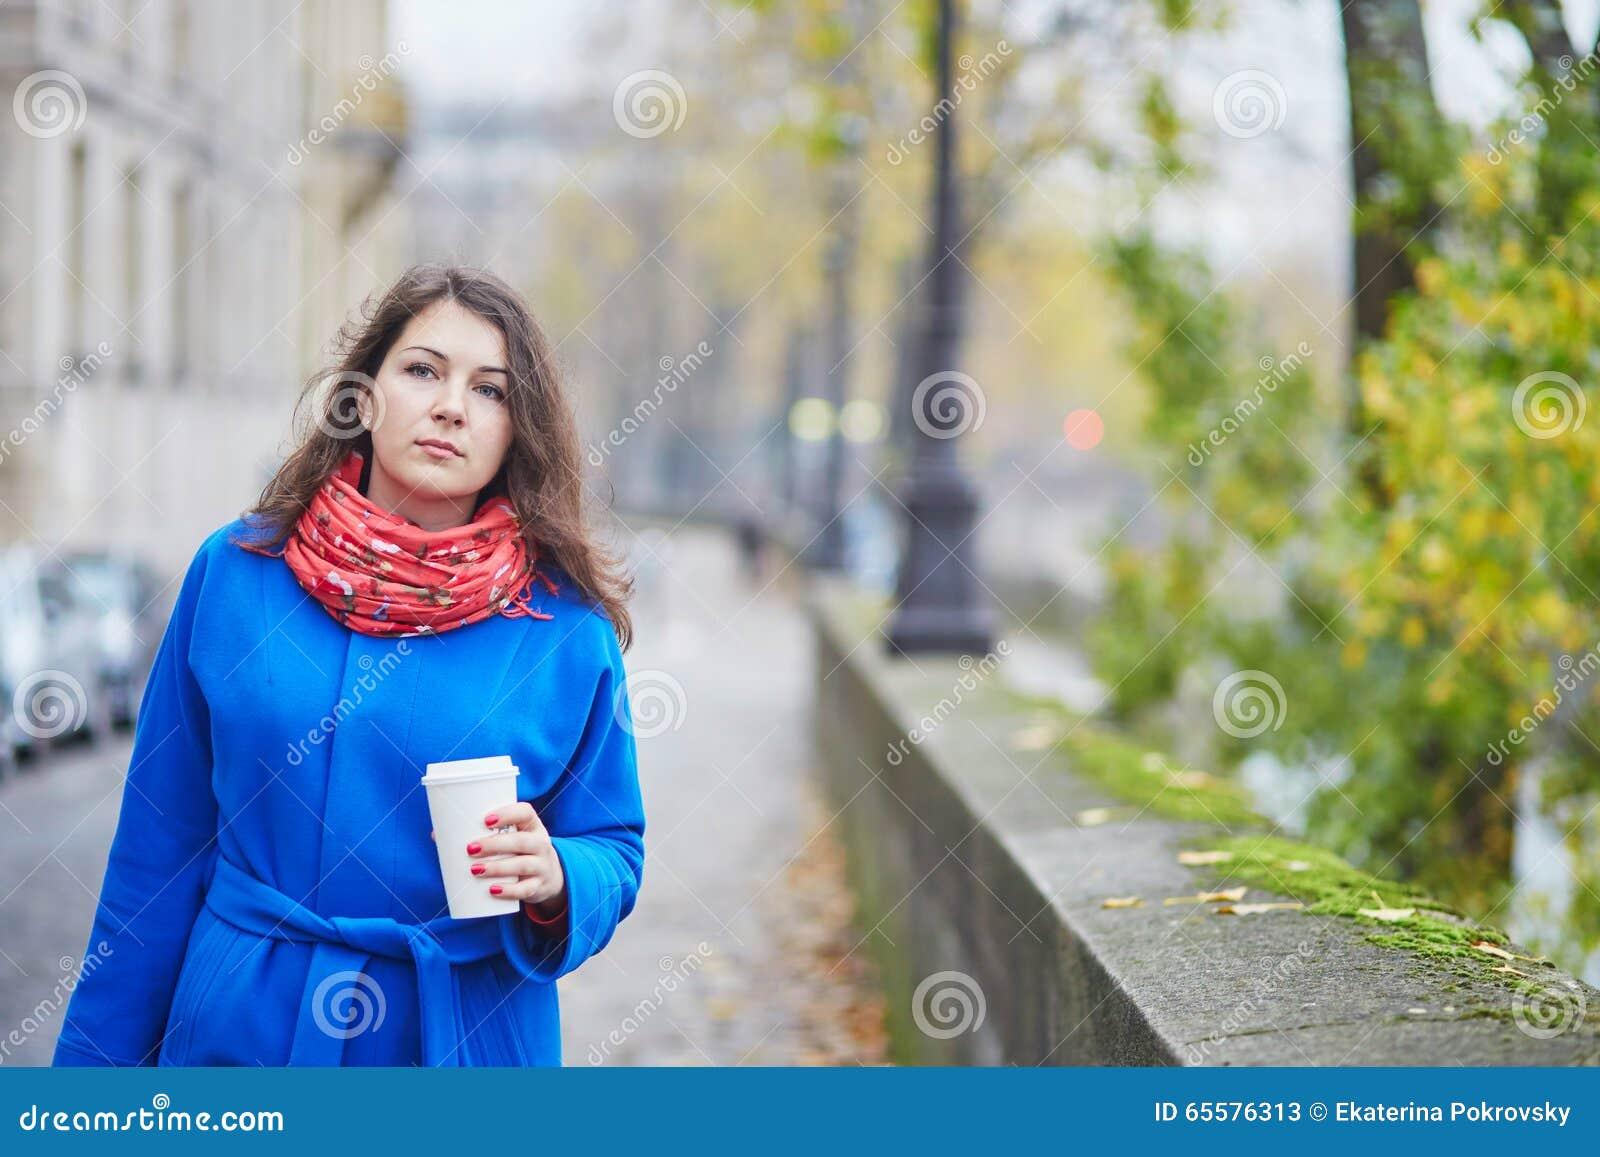 Turista novo em Paris em um dia da queda, café bebendo a ir